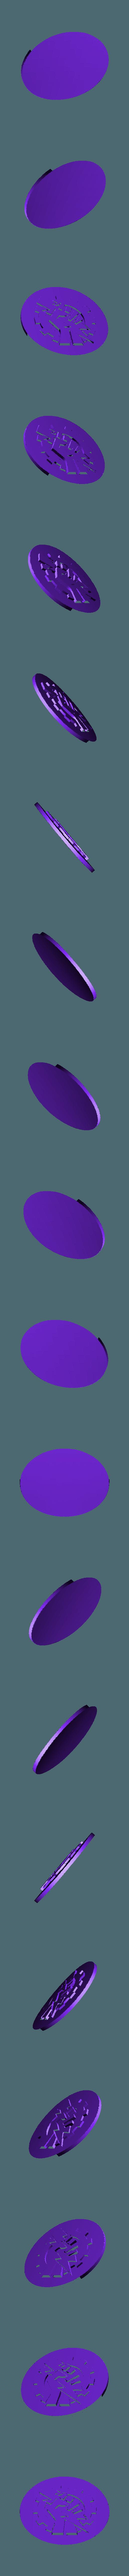 SKITARII_SYMBOL.stl Download free STL file Logo Pack - Carapace • Design to 3D print, yaemhay